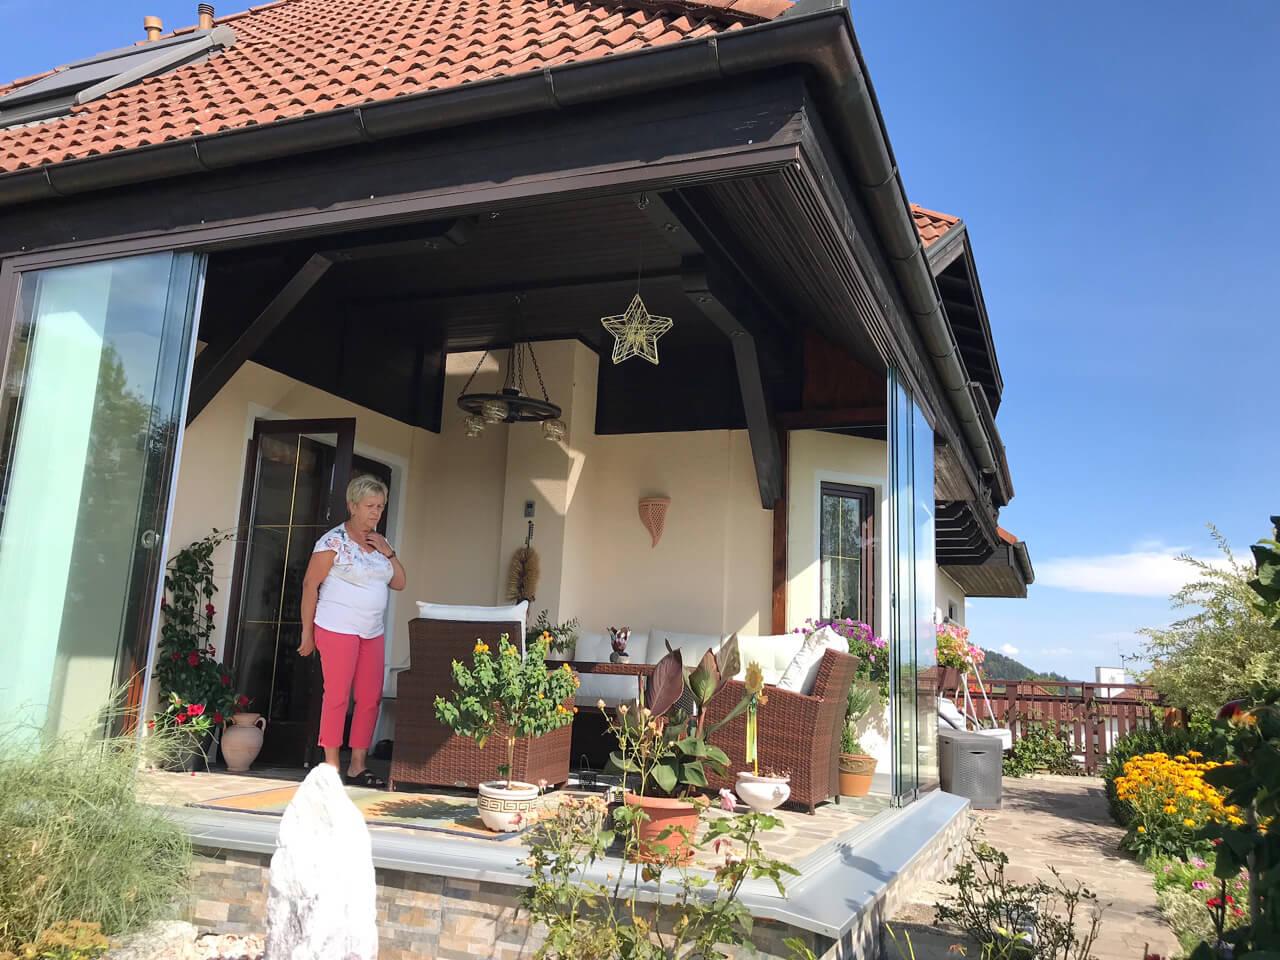 Terrasse mit Schiebetüre verbauen